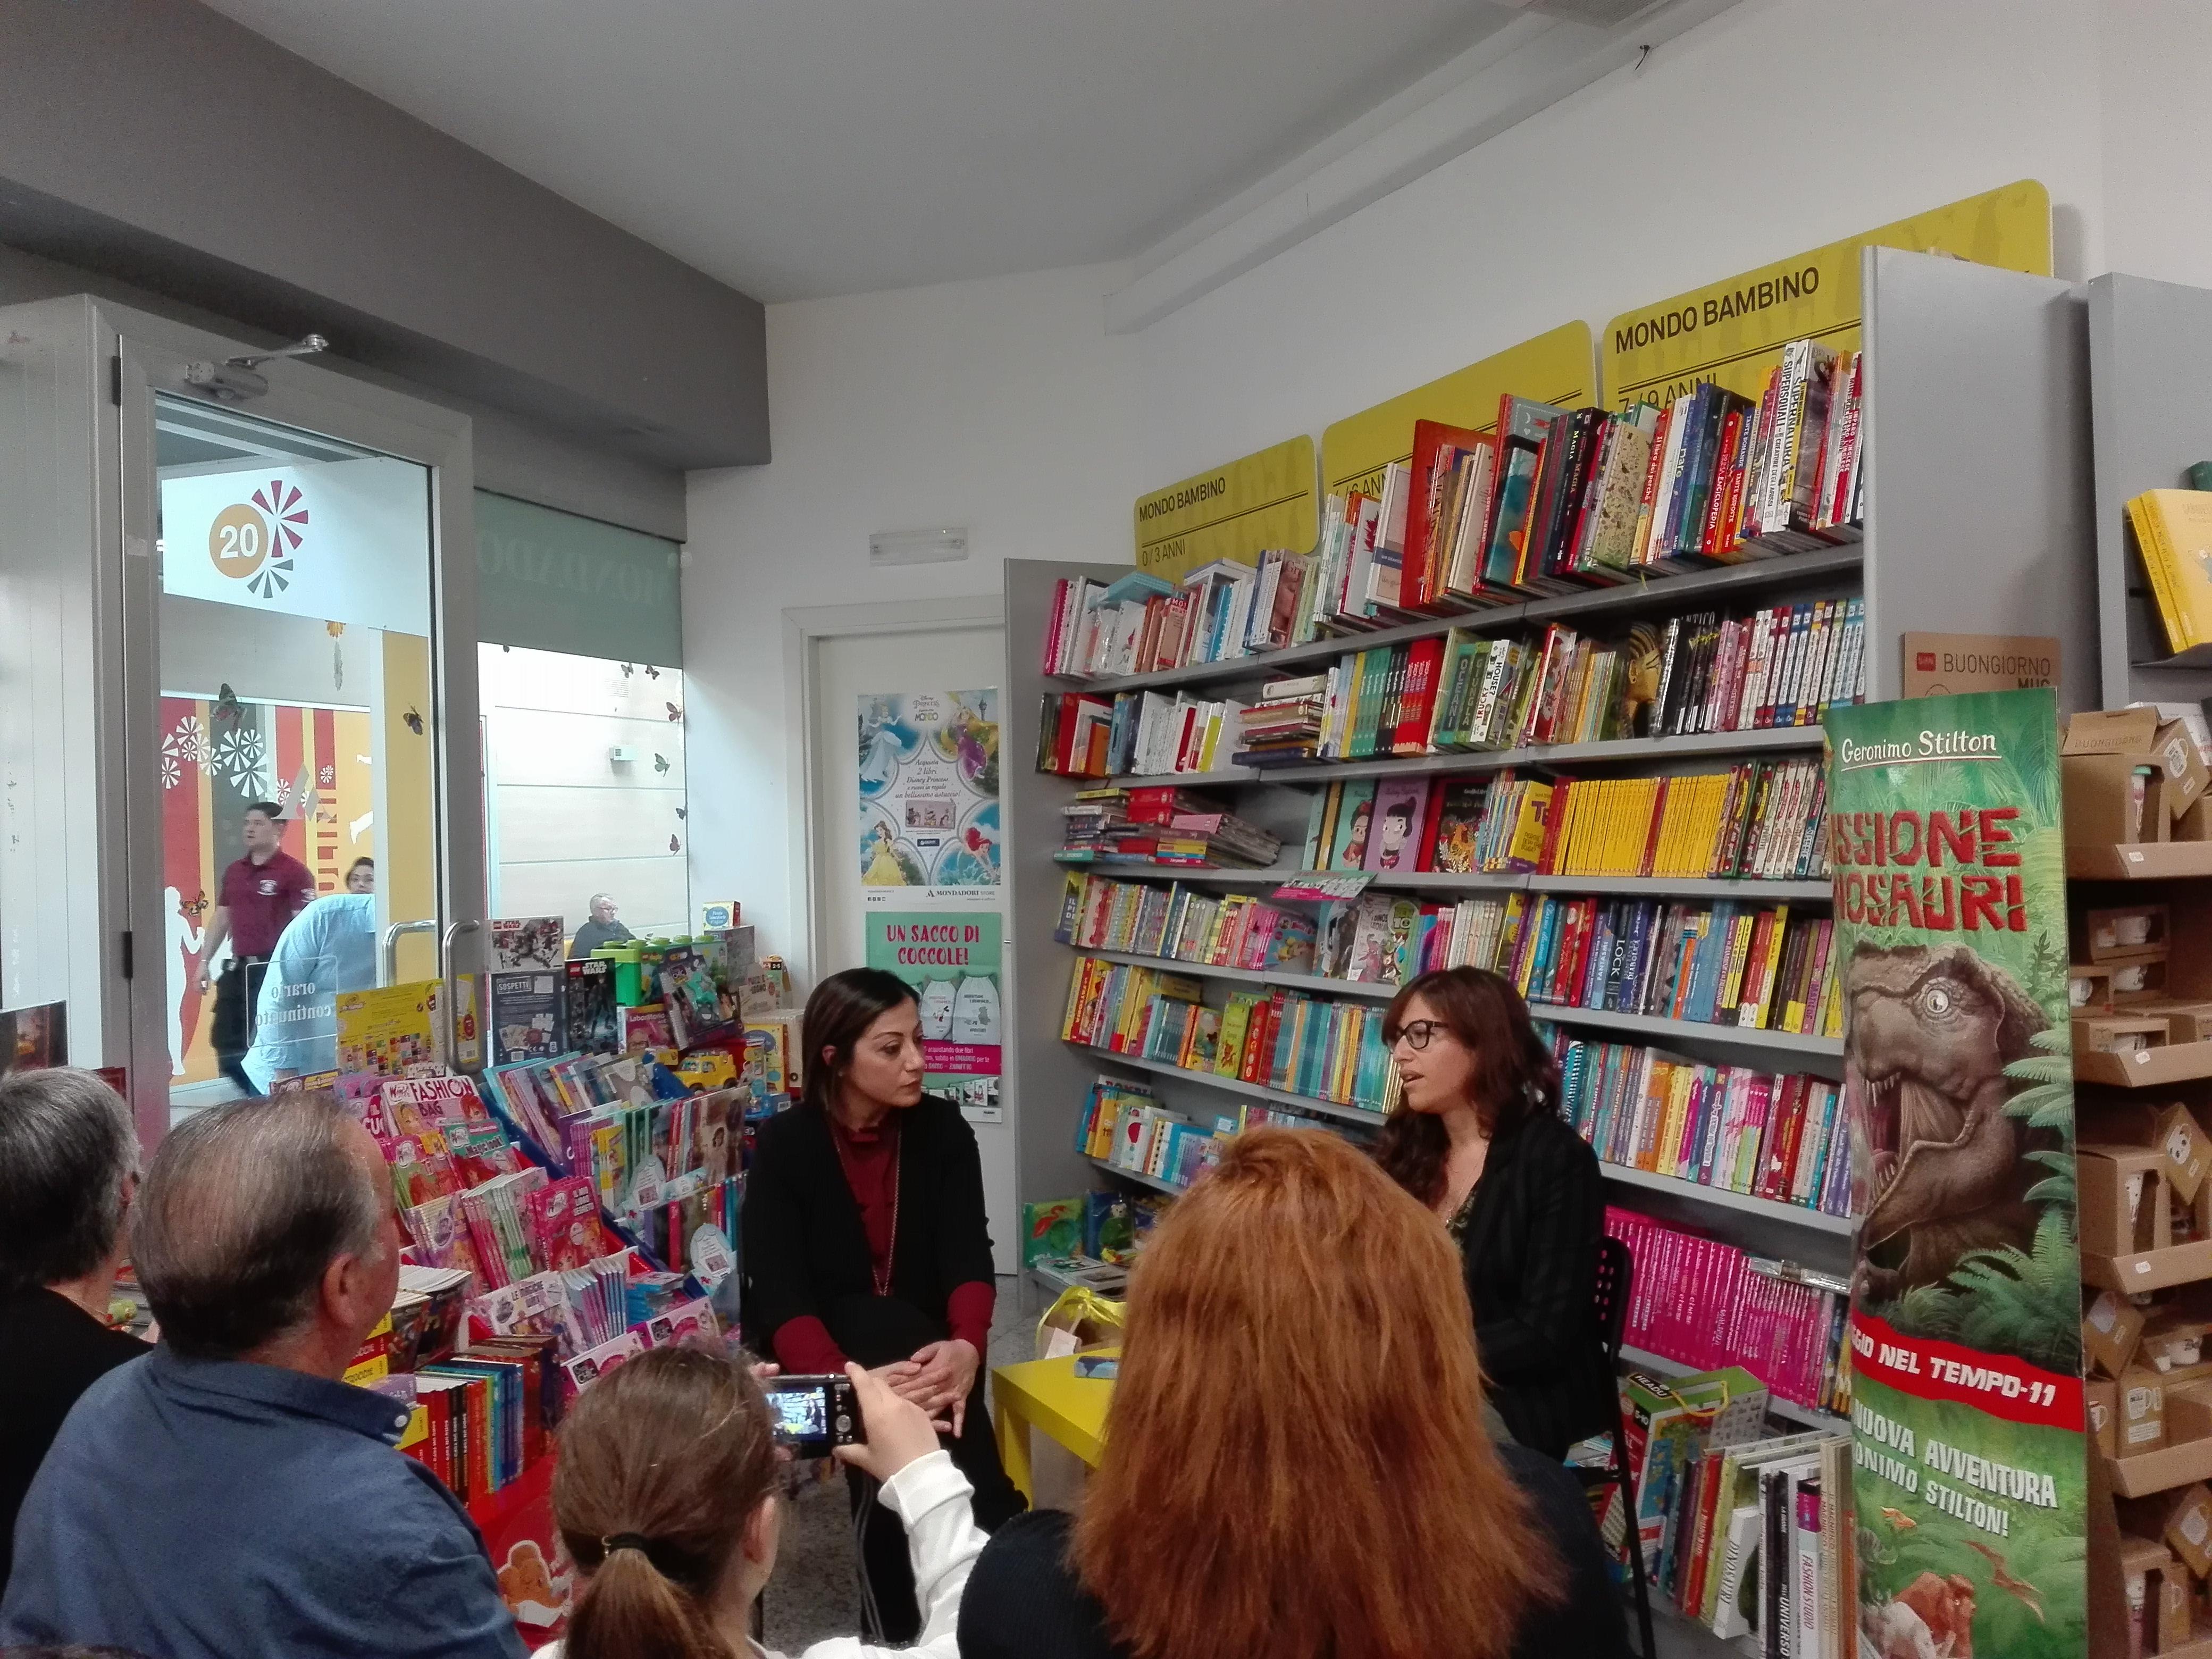 Bookstore e passione letteratura. Libraie 2.0